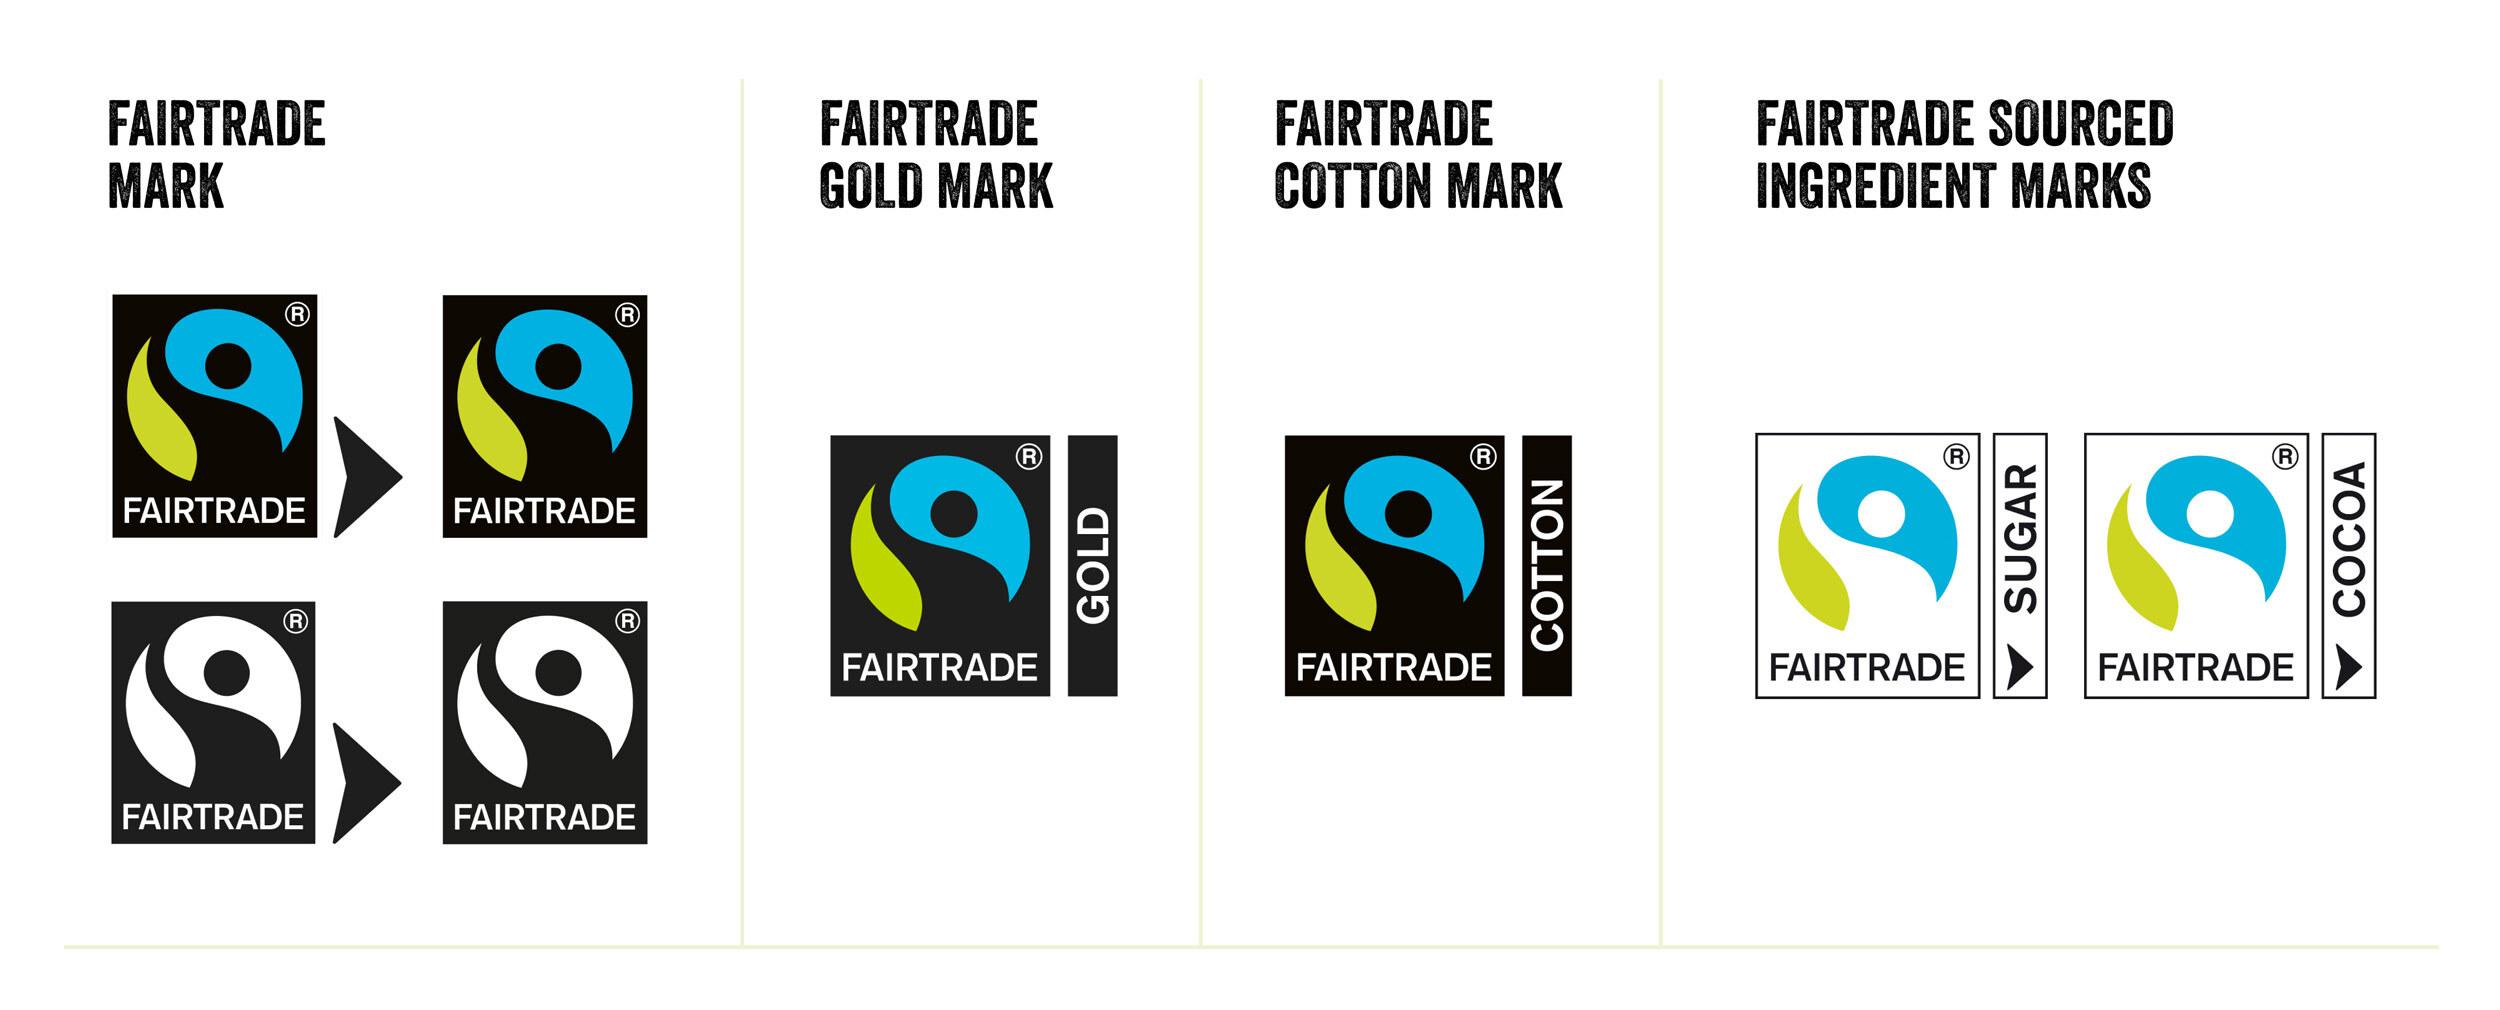 Fairtrade Marks